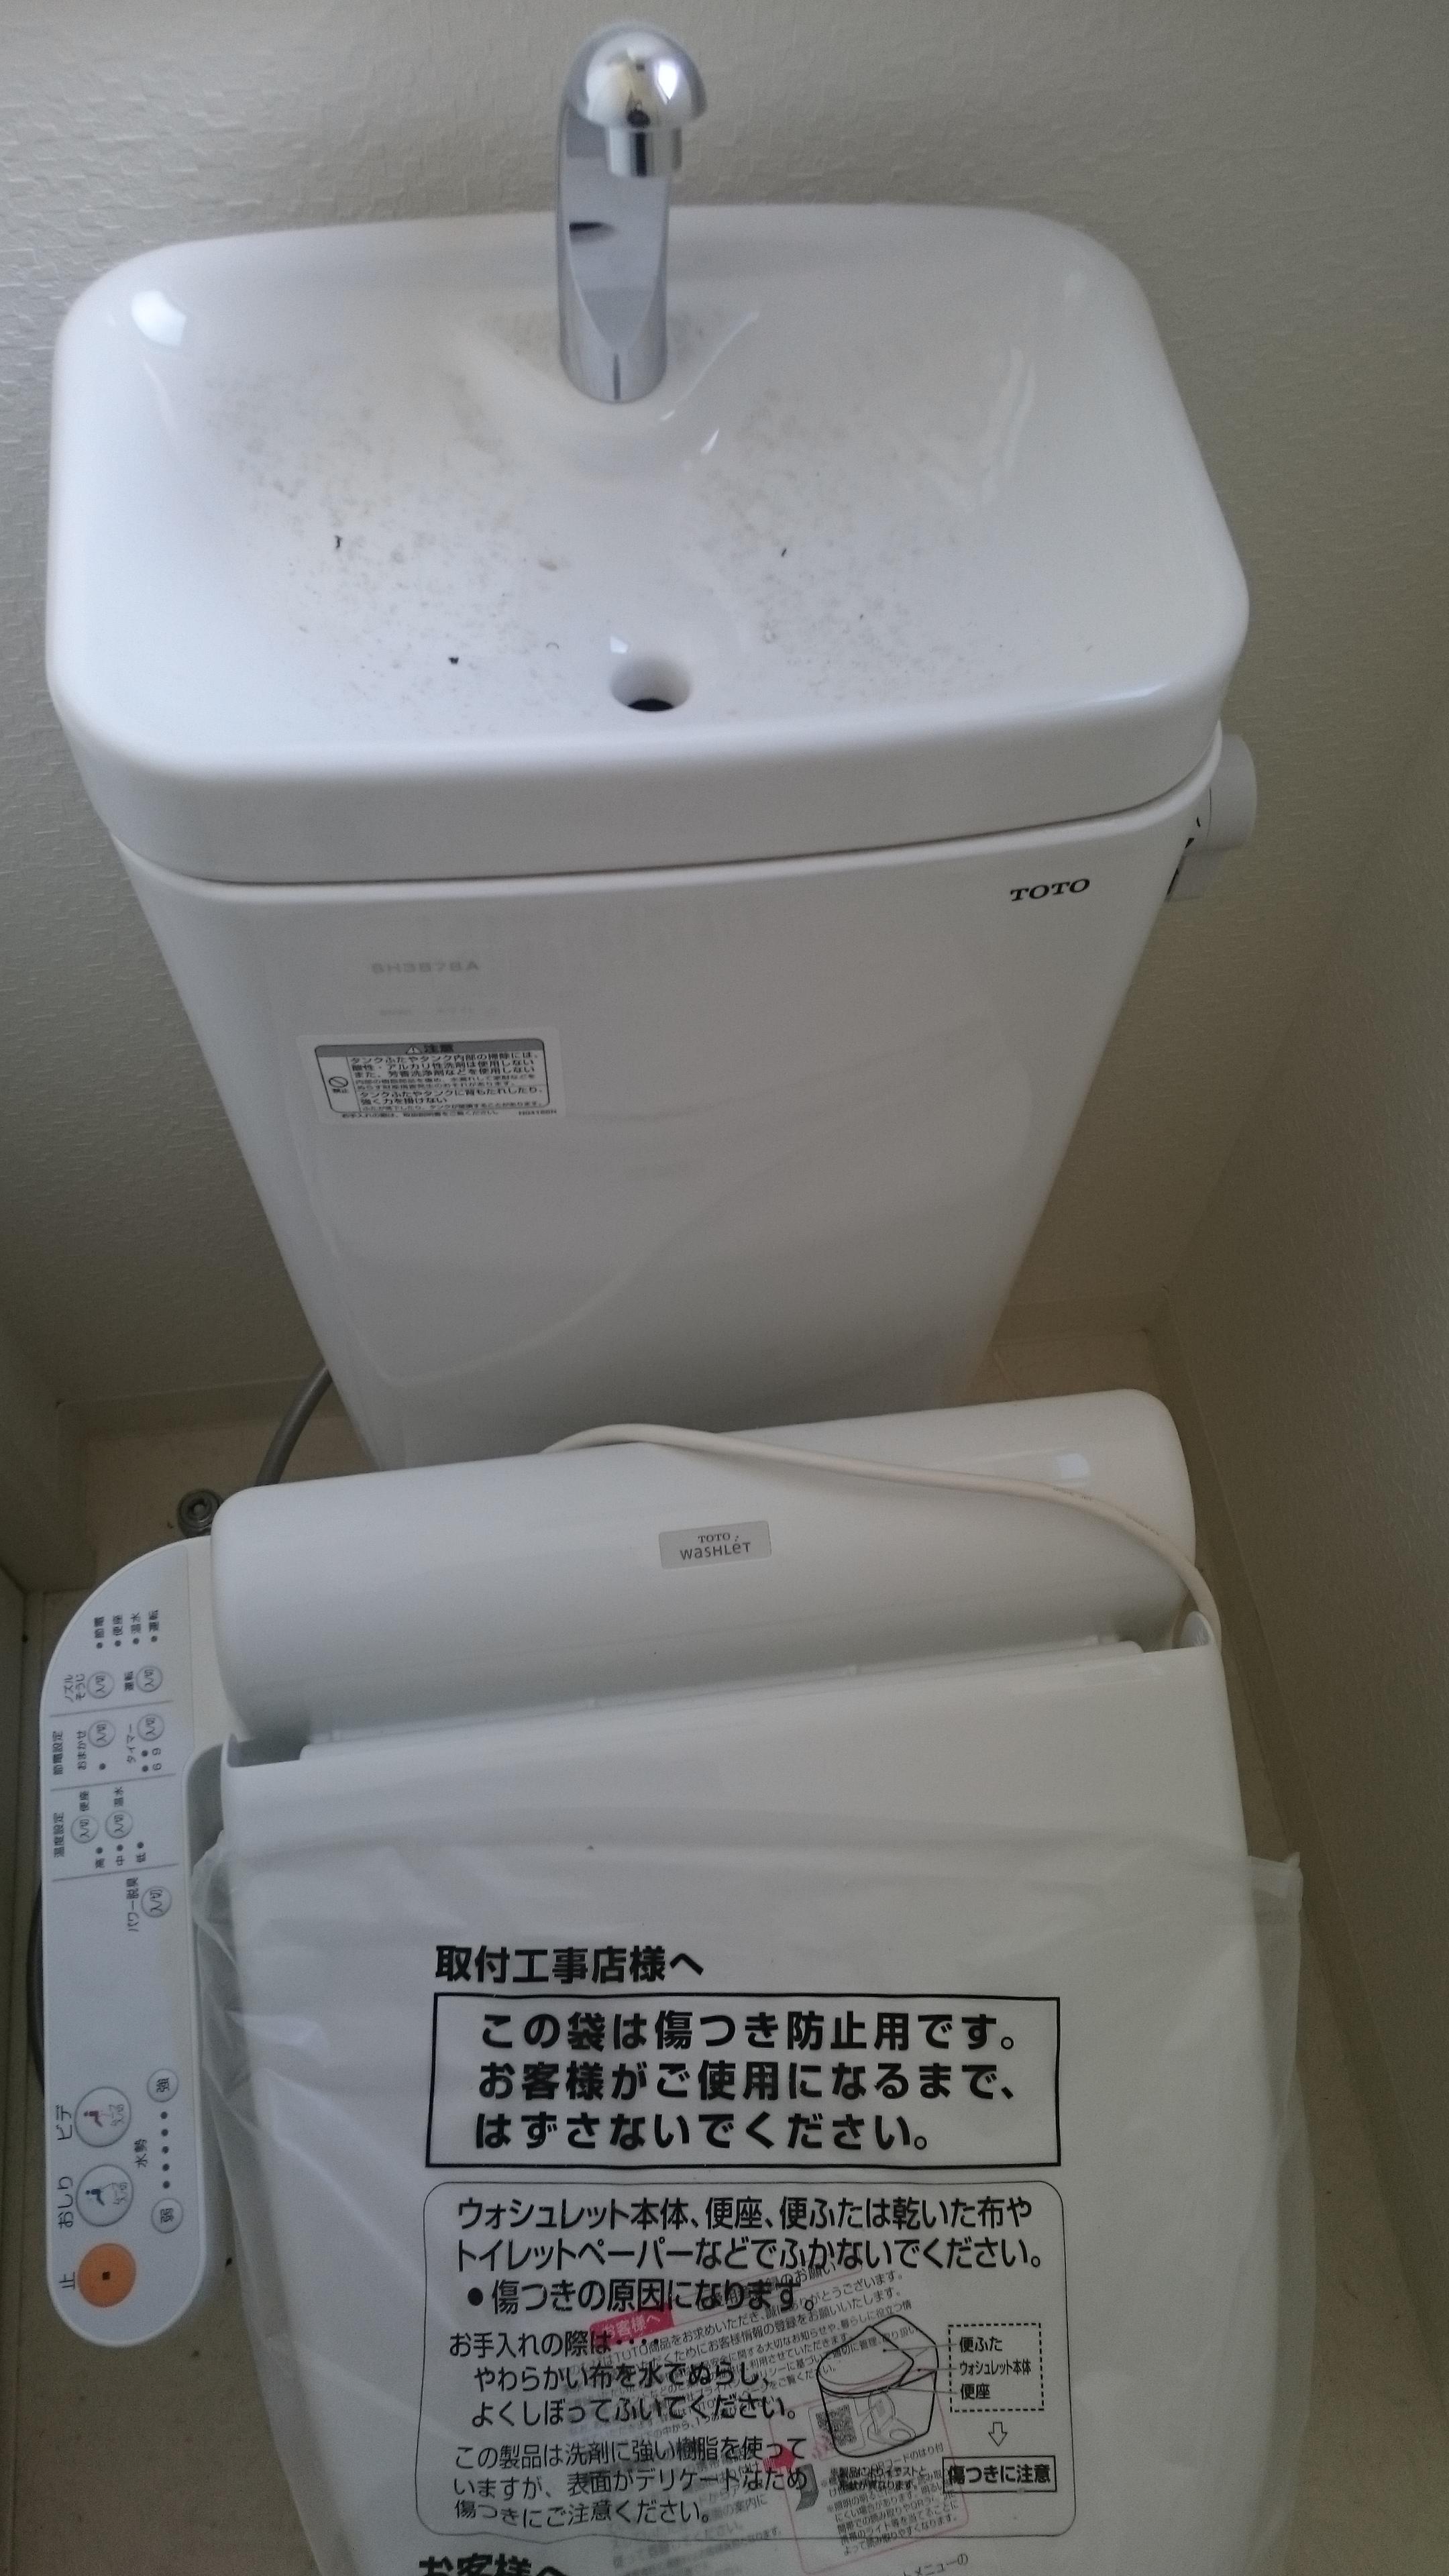 お手洗いのタンクの汚れと傷付き防止用のビニール